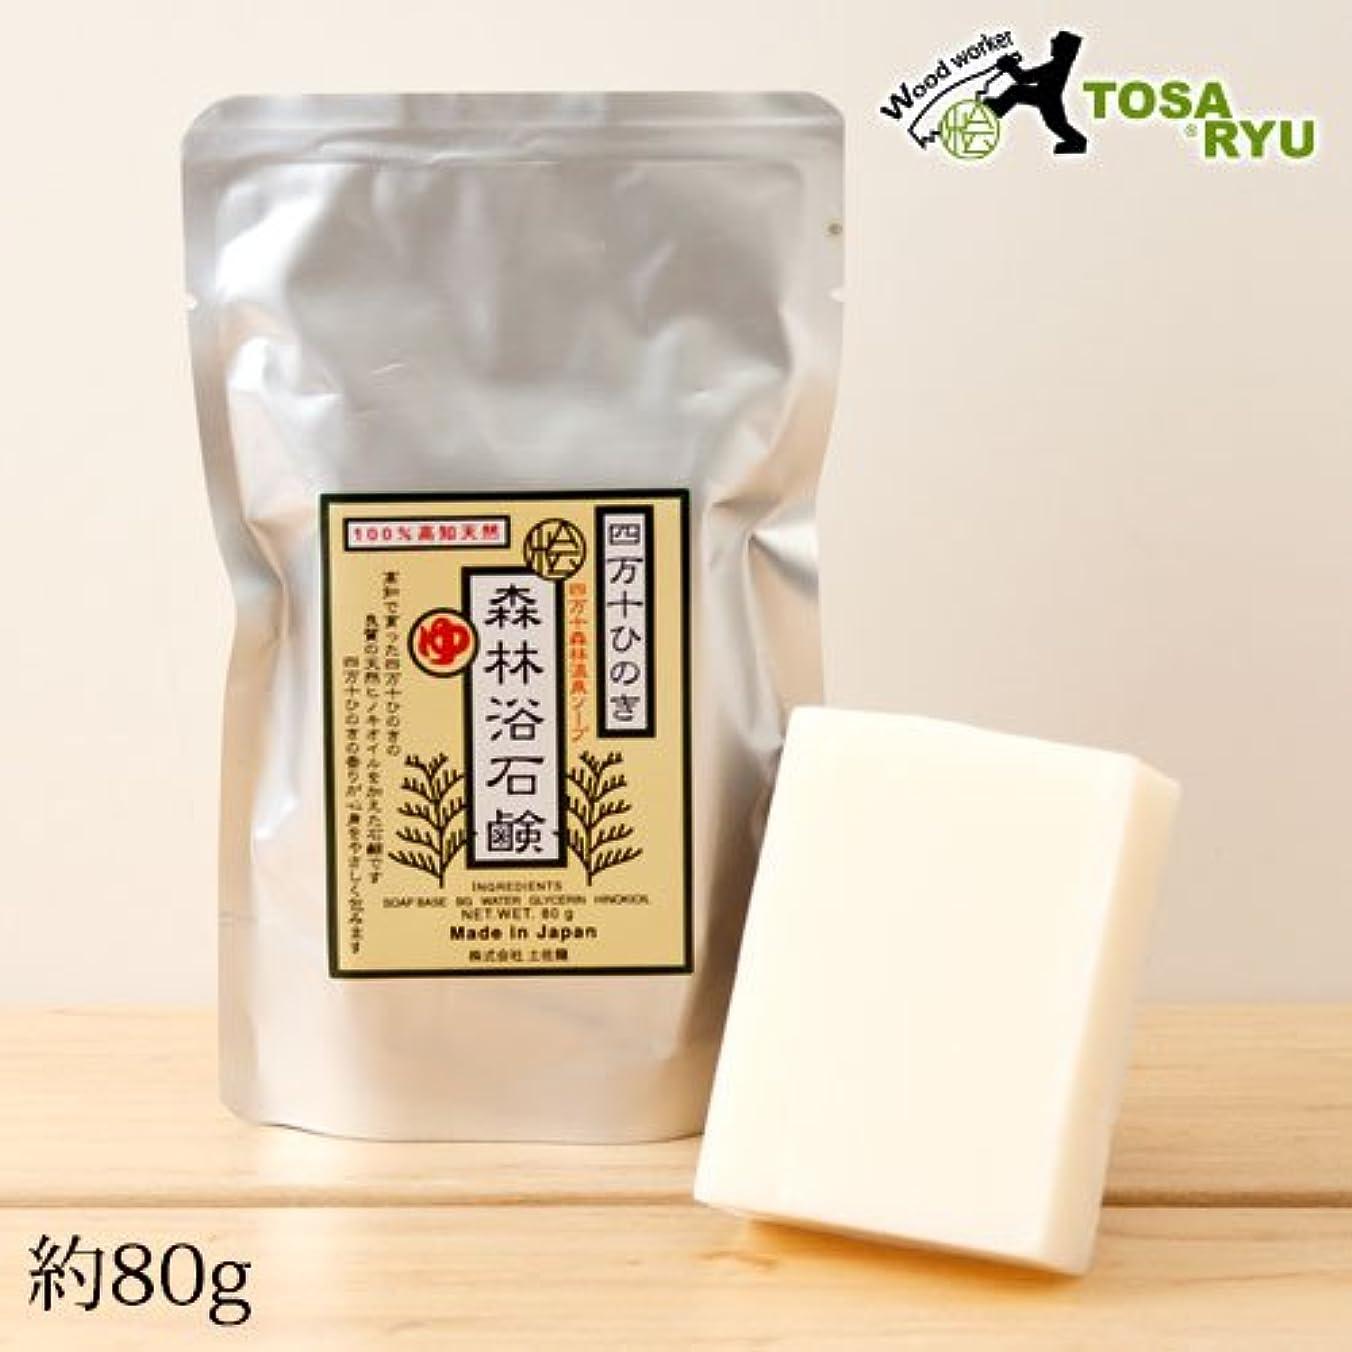 平和的無声で彼は土佐龍四万十森林温泉石鹸ひのきの香りのアロマソープ高知県の工芸品Aroma soap scent of cypress, Kochi craft